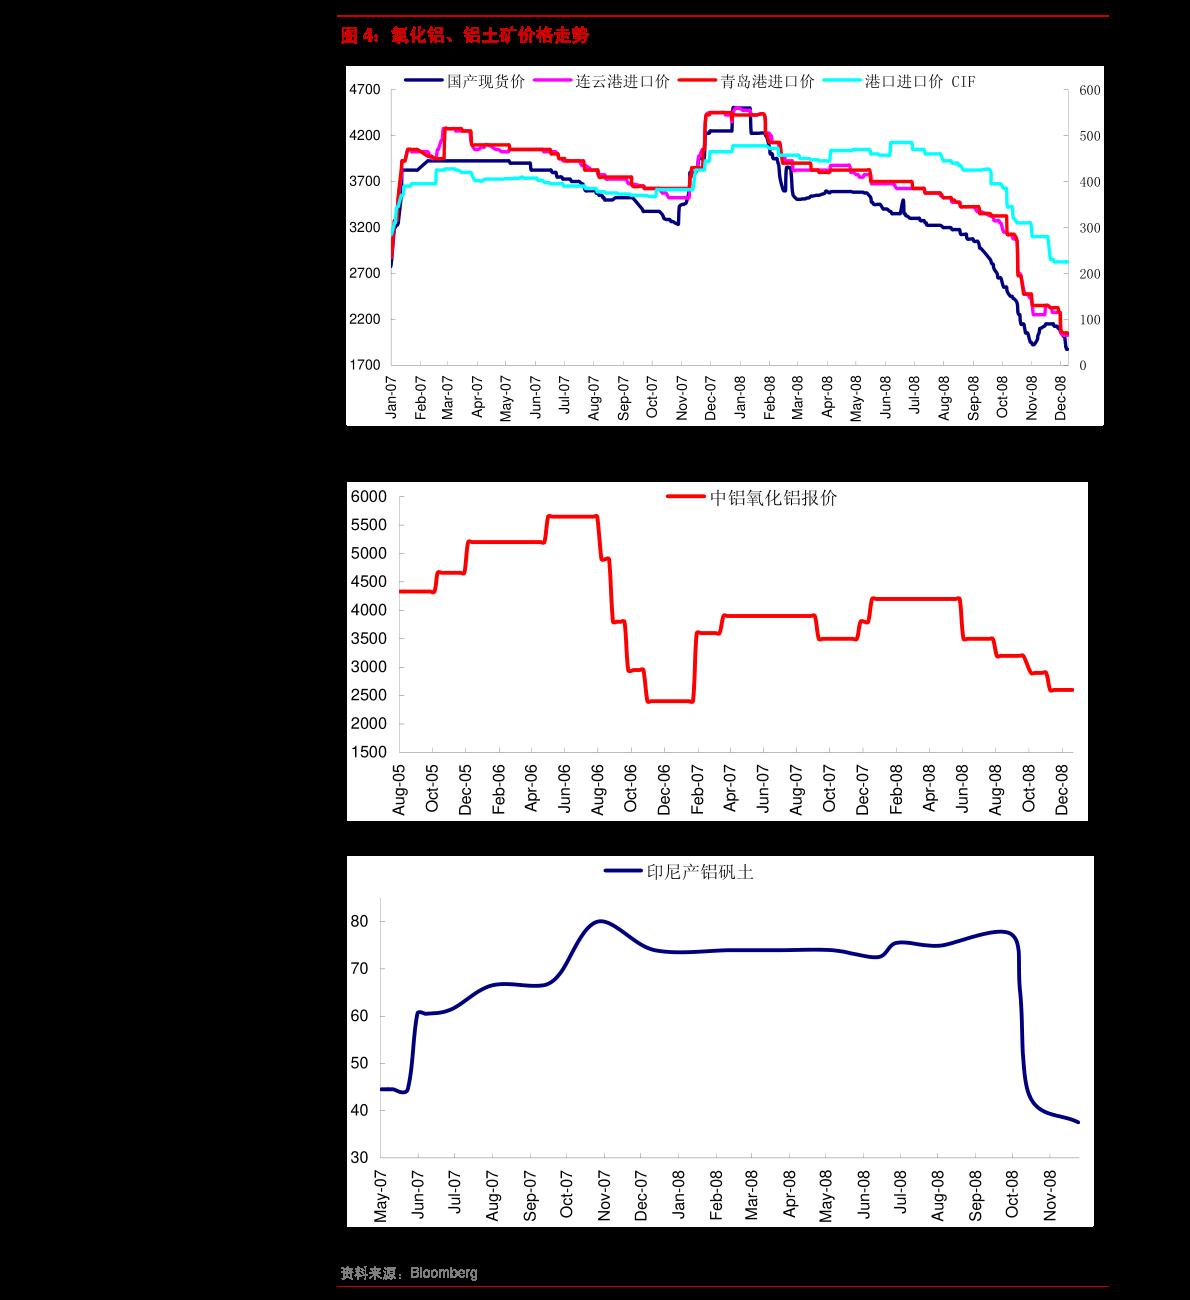 海通雷火电竞平台-通信雷火网址深度研究:5G时代,本土射频前端企业快速崛起-210112